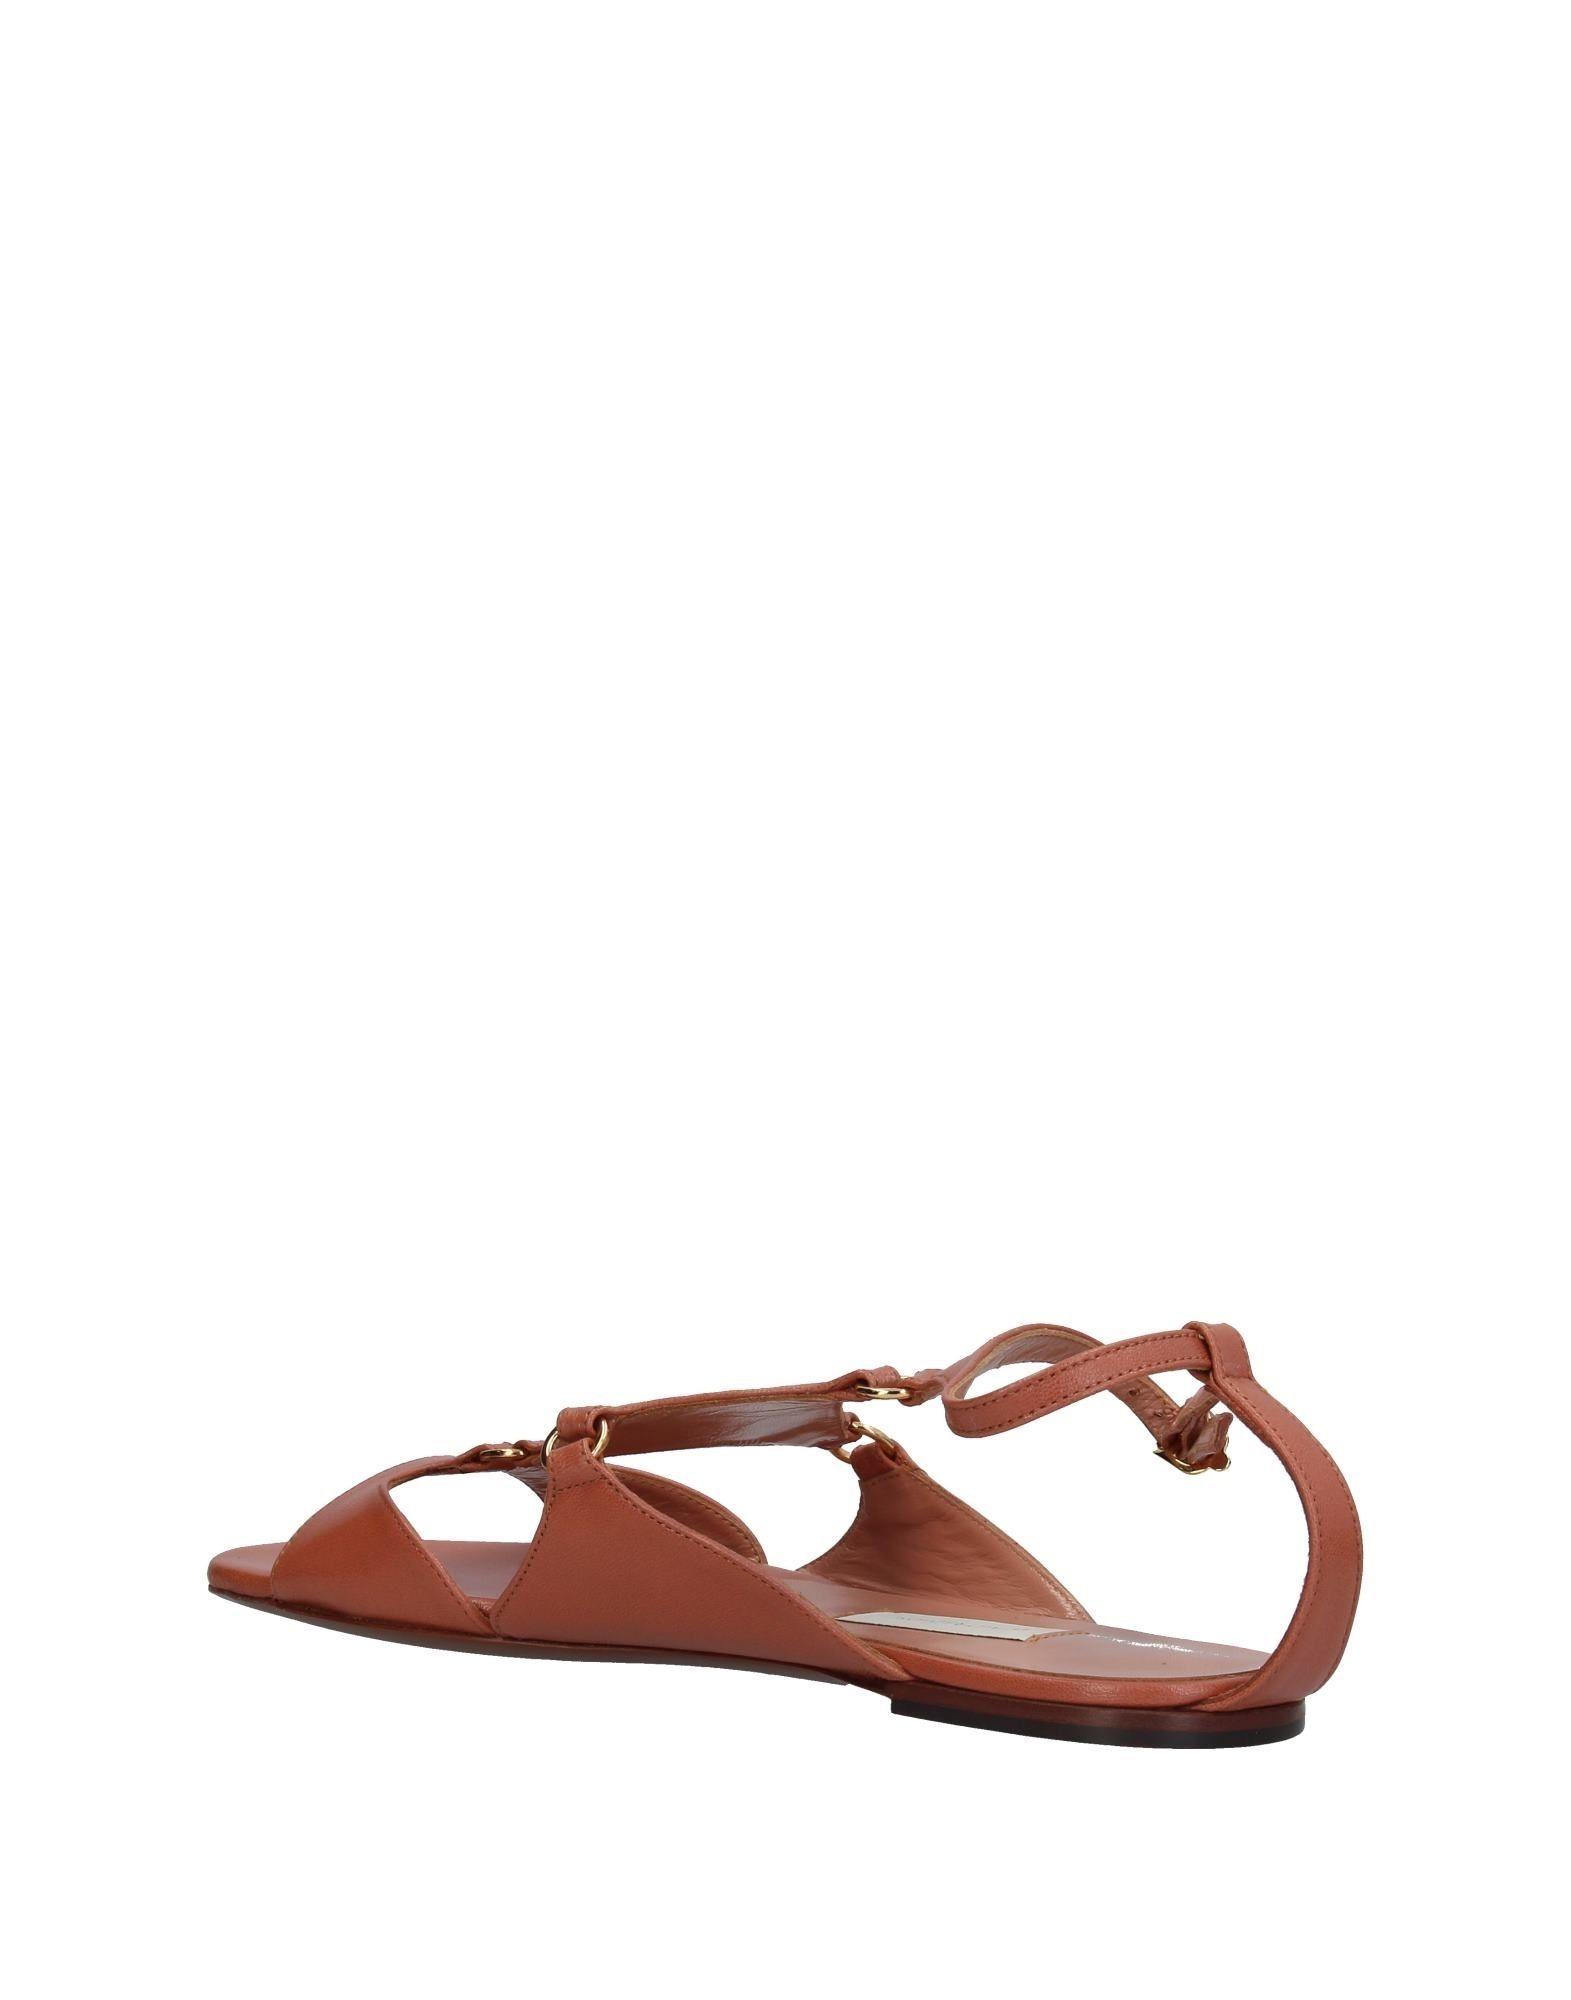 L' Autre Chose Pale Pink Leather Sandals